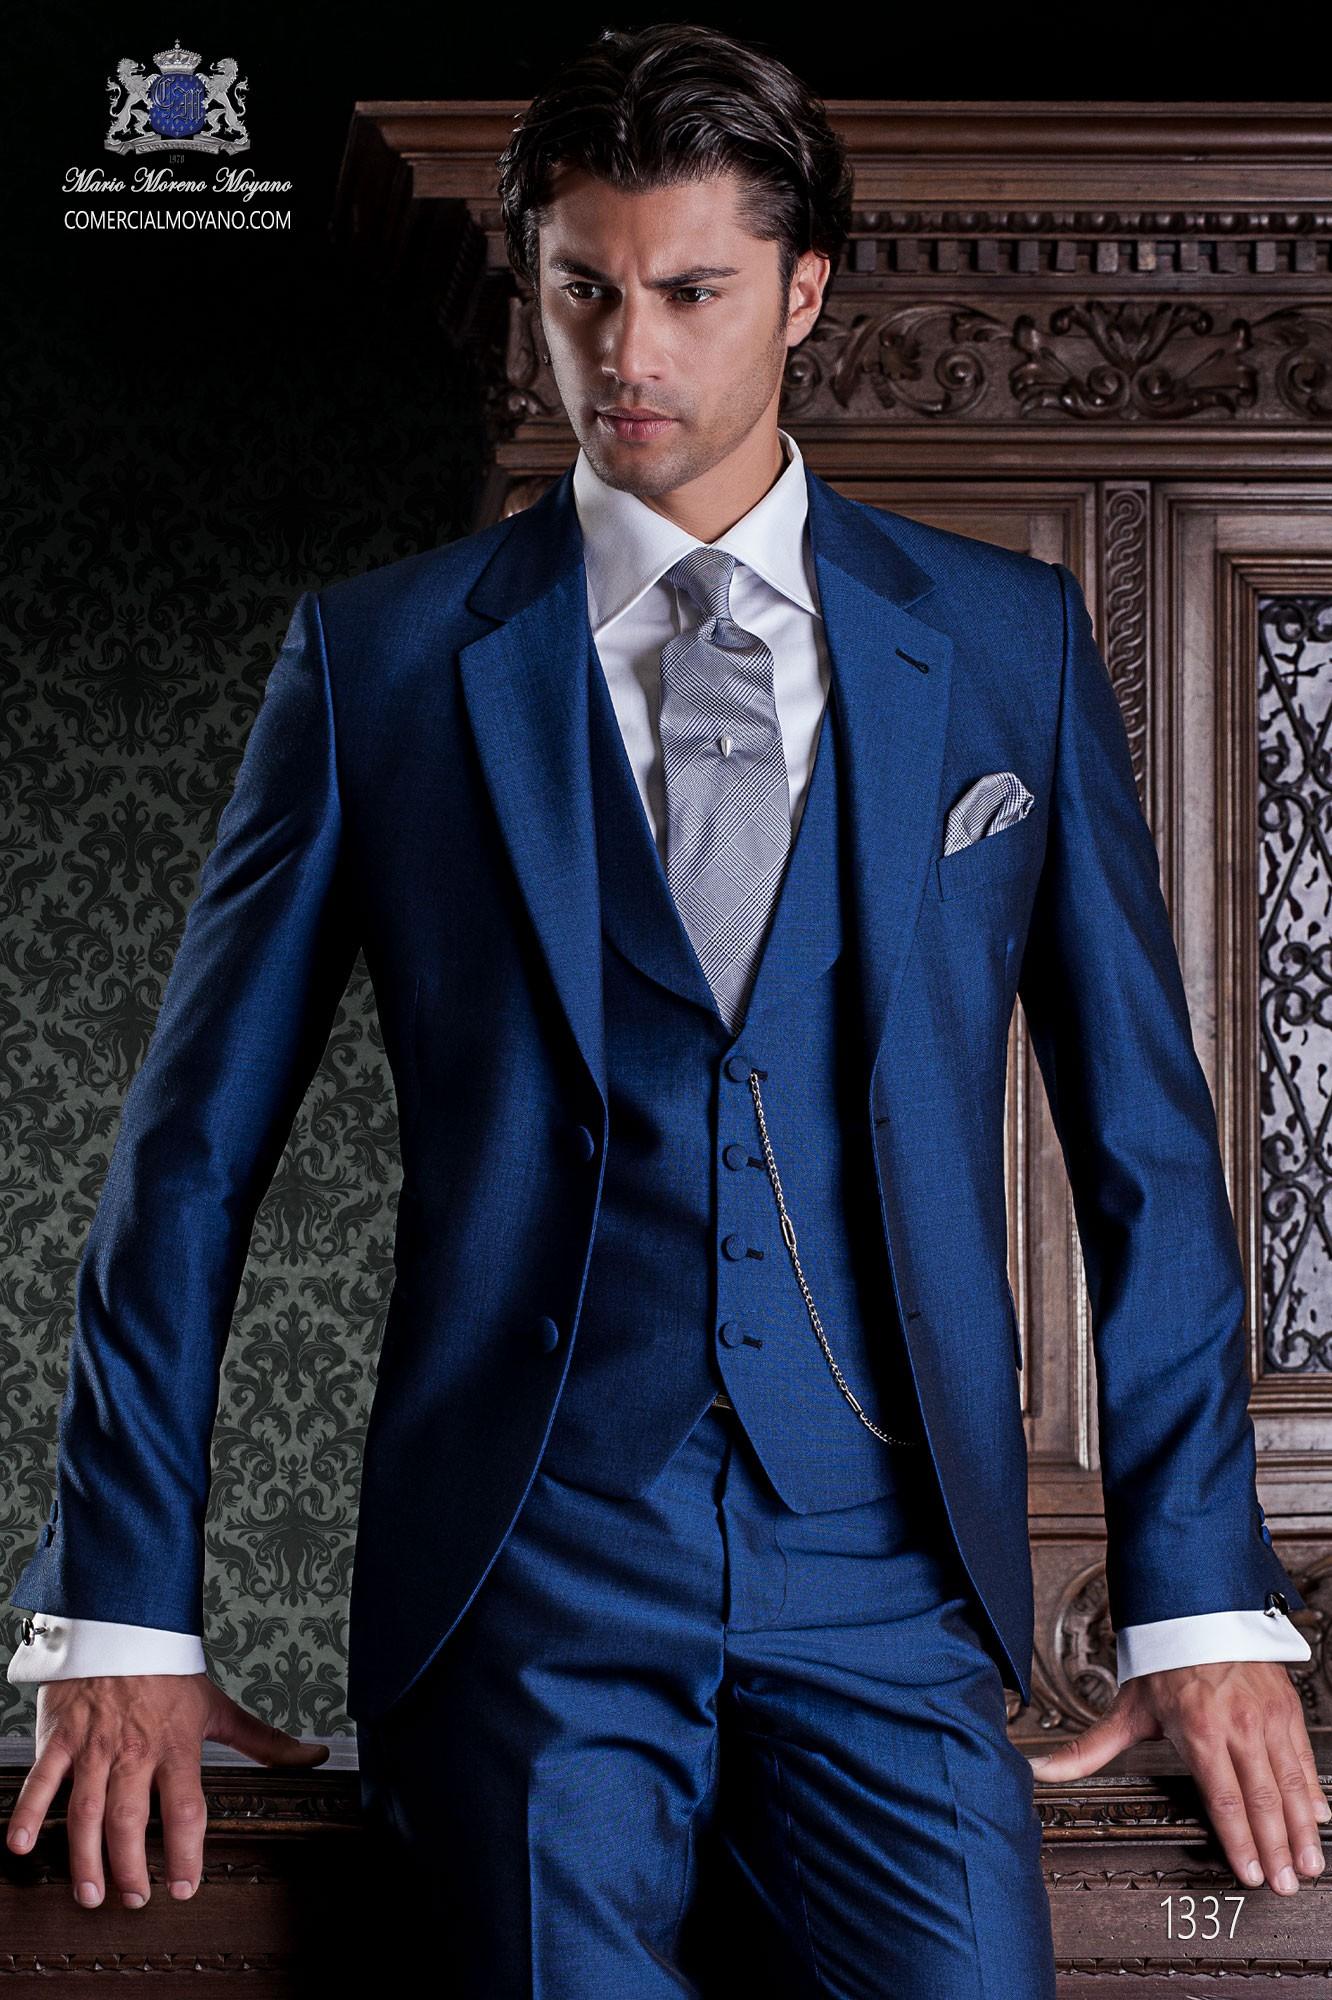 Traje de novio azul elegante de corte italiano Ottavio Nuccio 1337 cd931ea1242